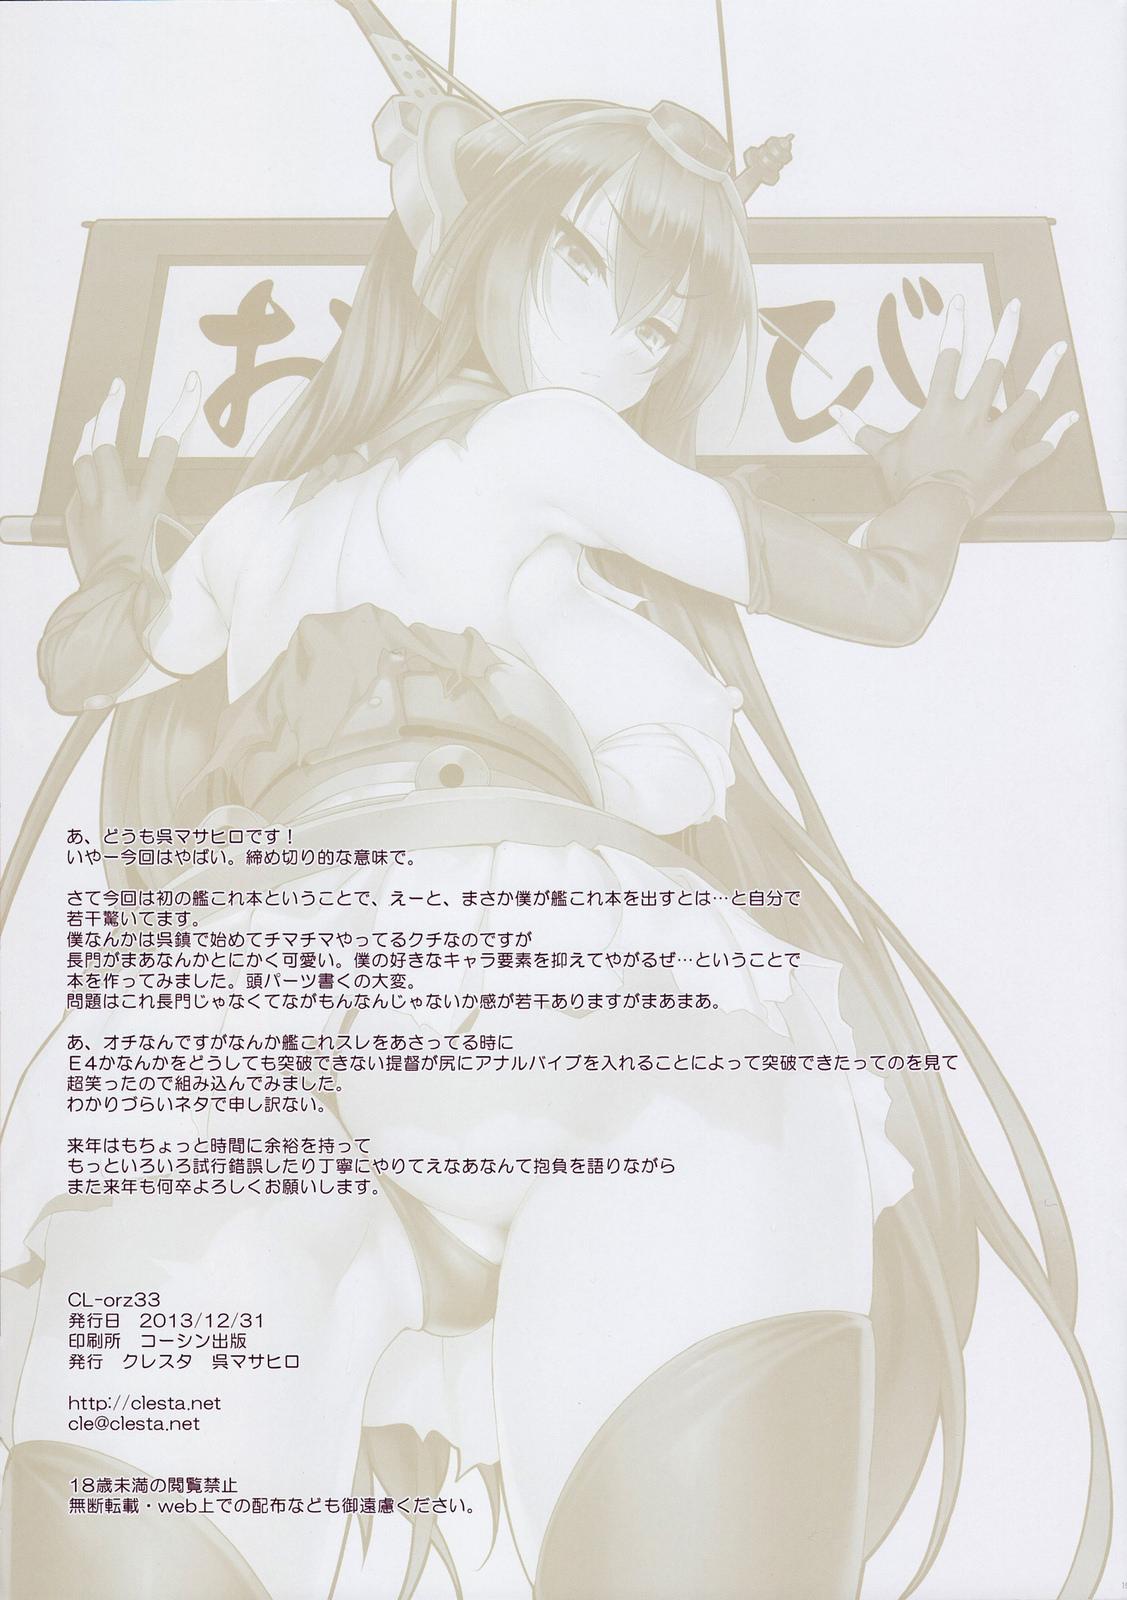 Hình ảnh HINH_00016 trong bài viết CL -Orz 33